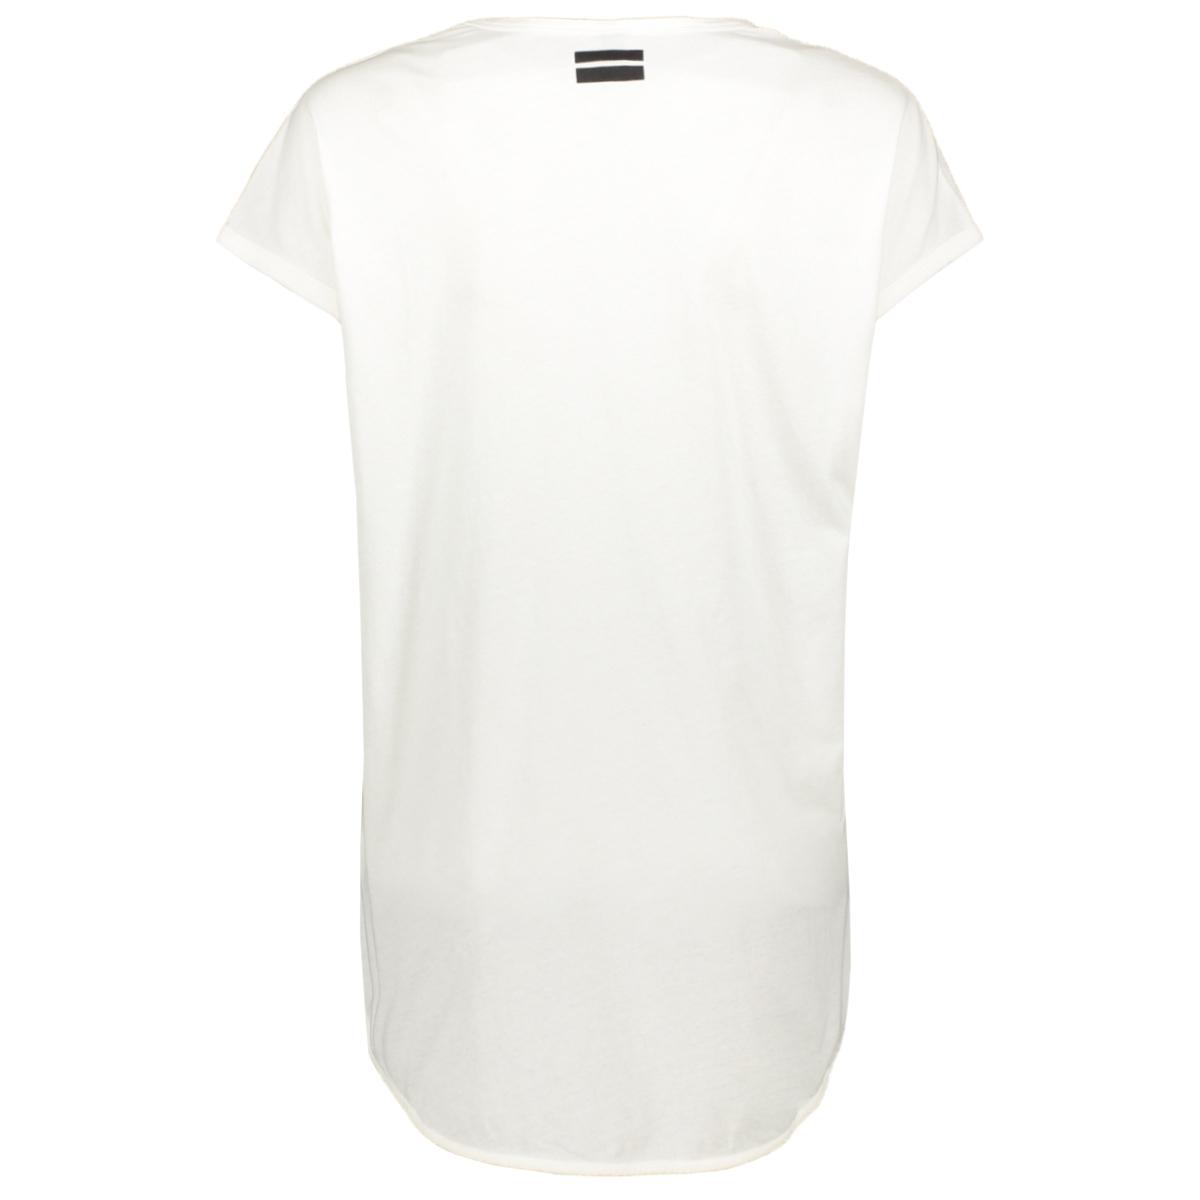 tee short sleeve 20 751 0201 10 days t-shirt ecru